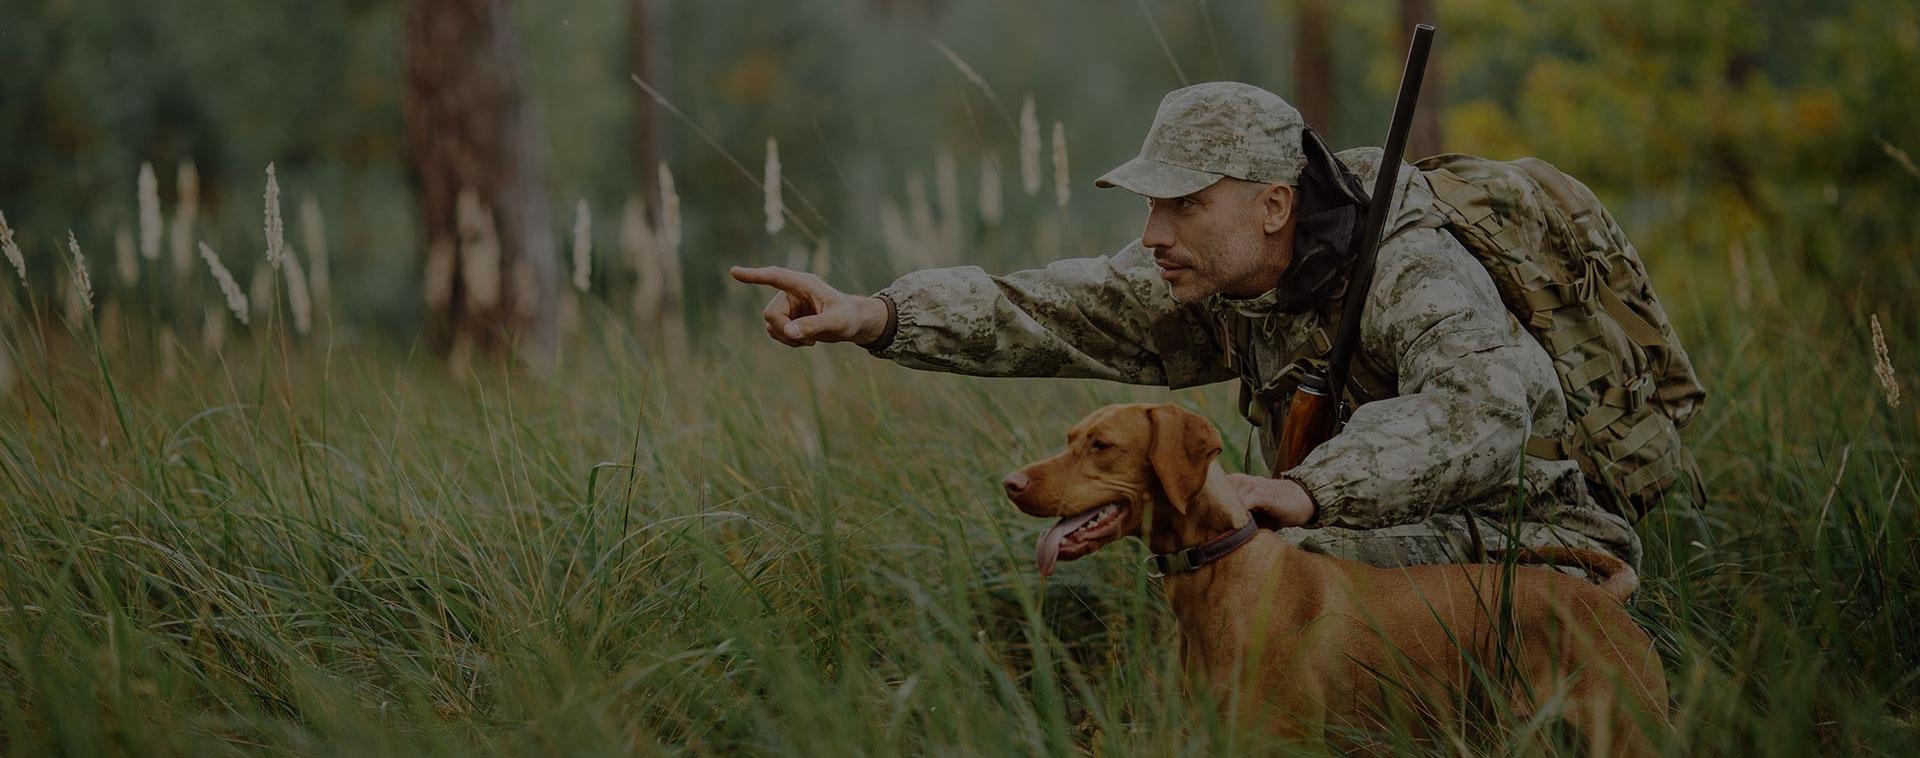 Pratiques de chasse éthiques